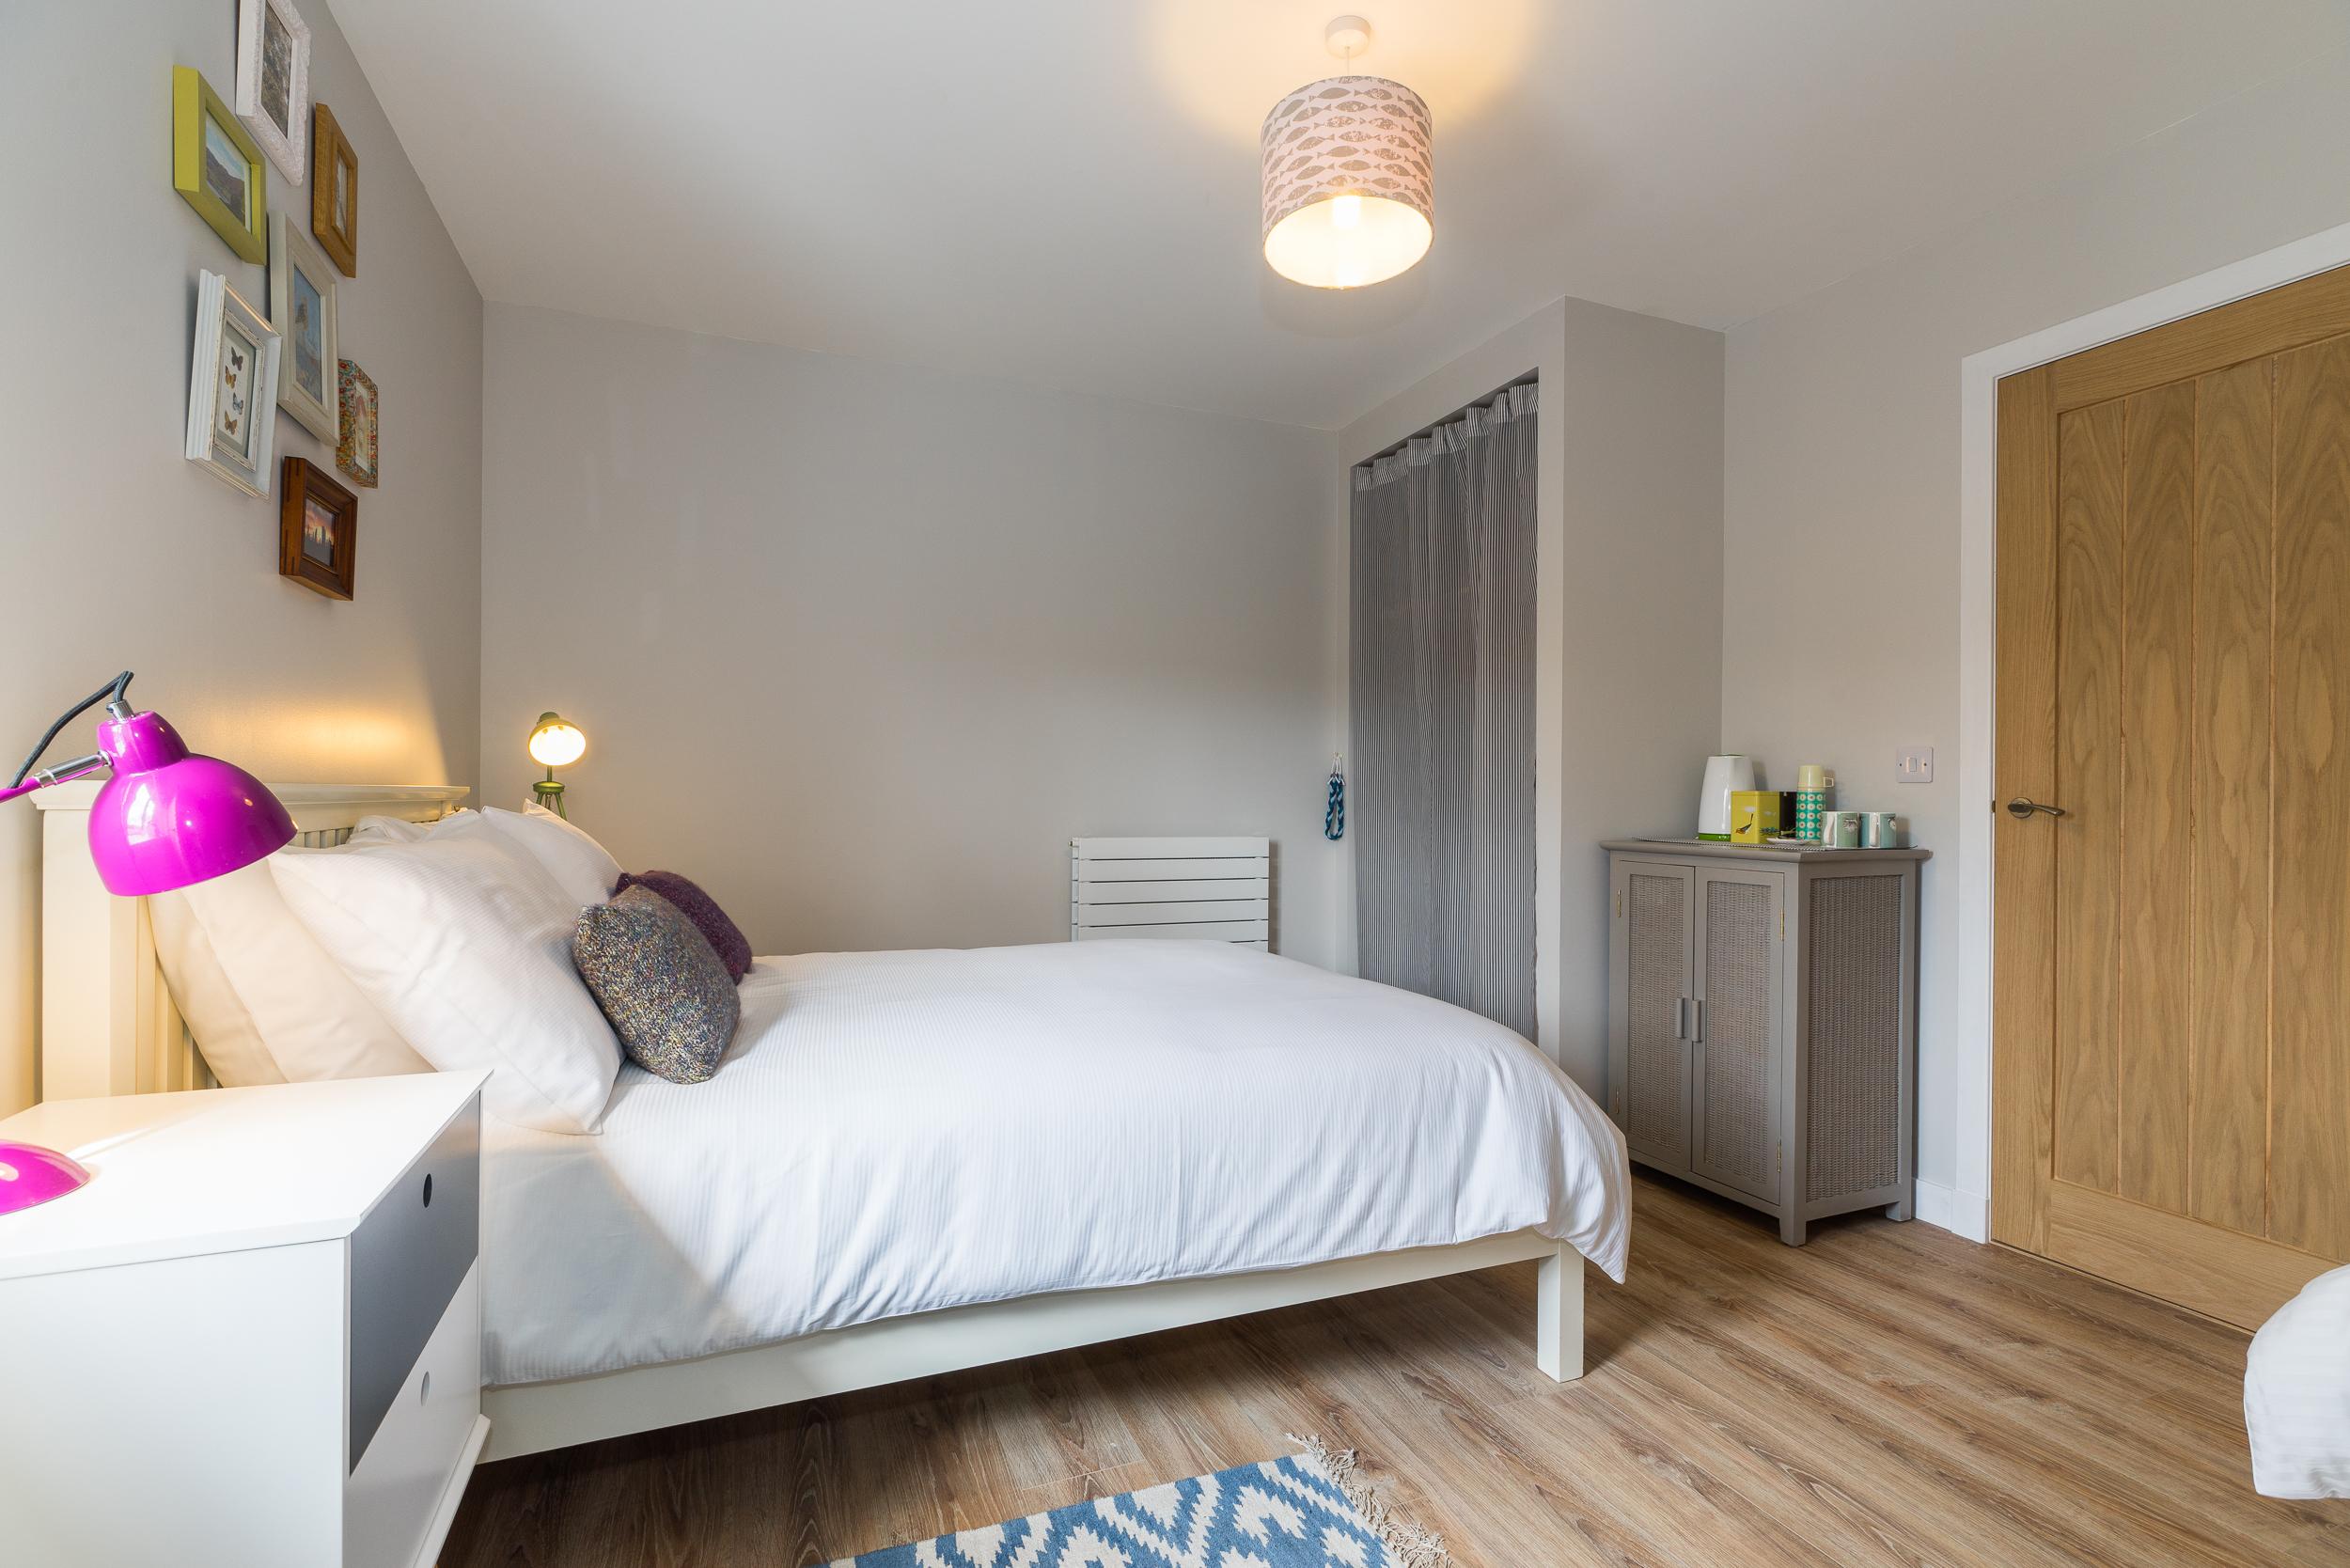 Curlew Room, An Cois Na Mara B & B